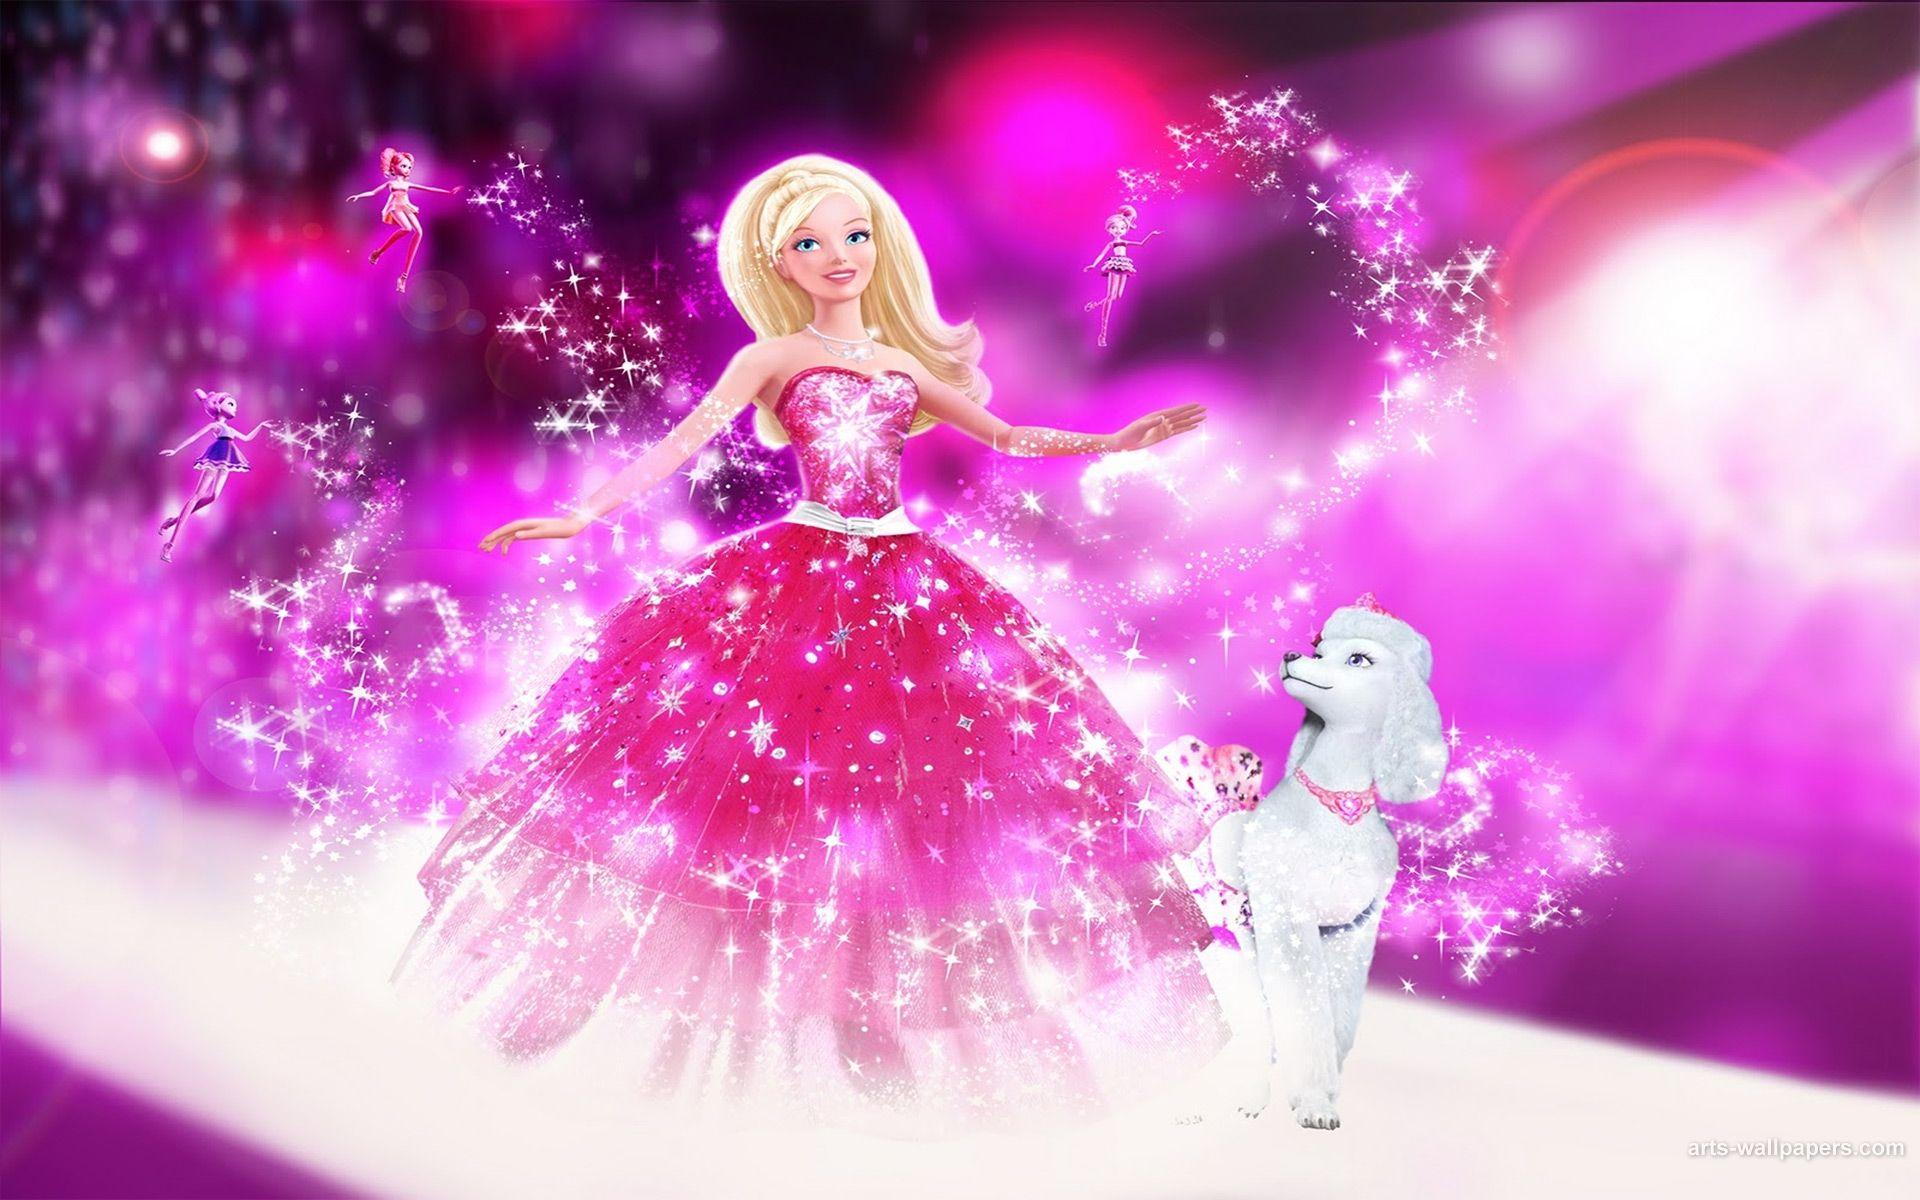 Barbie as Rapunzel Barbie Movies Beautiful Wallpapers 1920